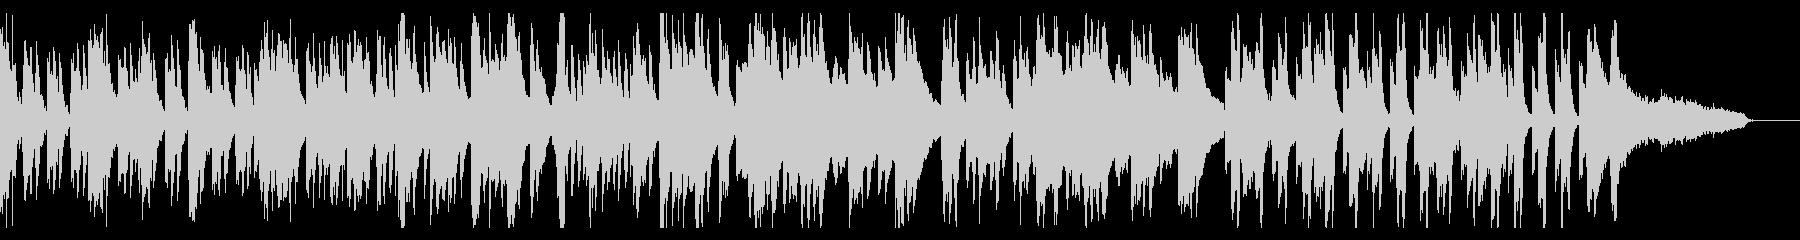 のどかでゆったり、シンプルな日常曲の未再生の波形